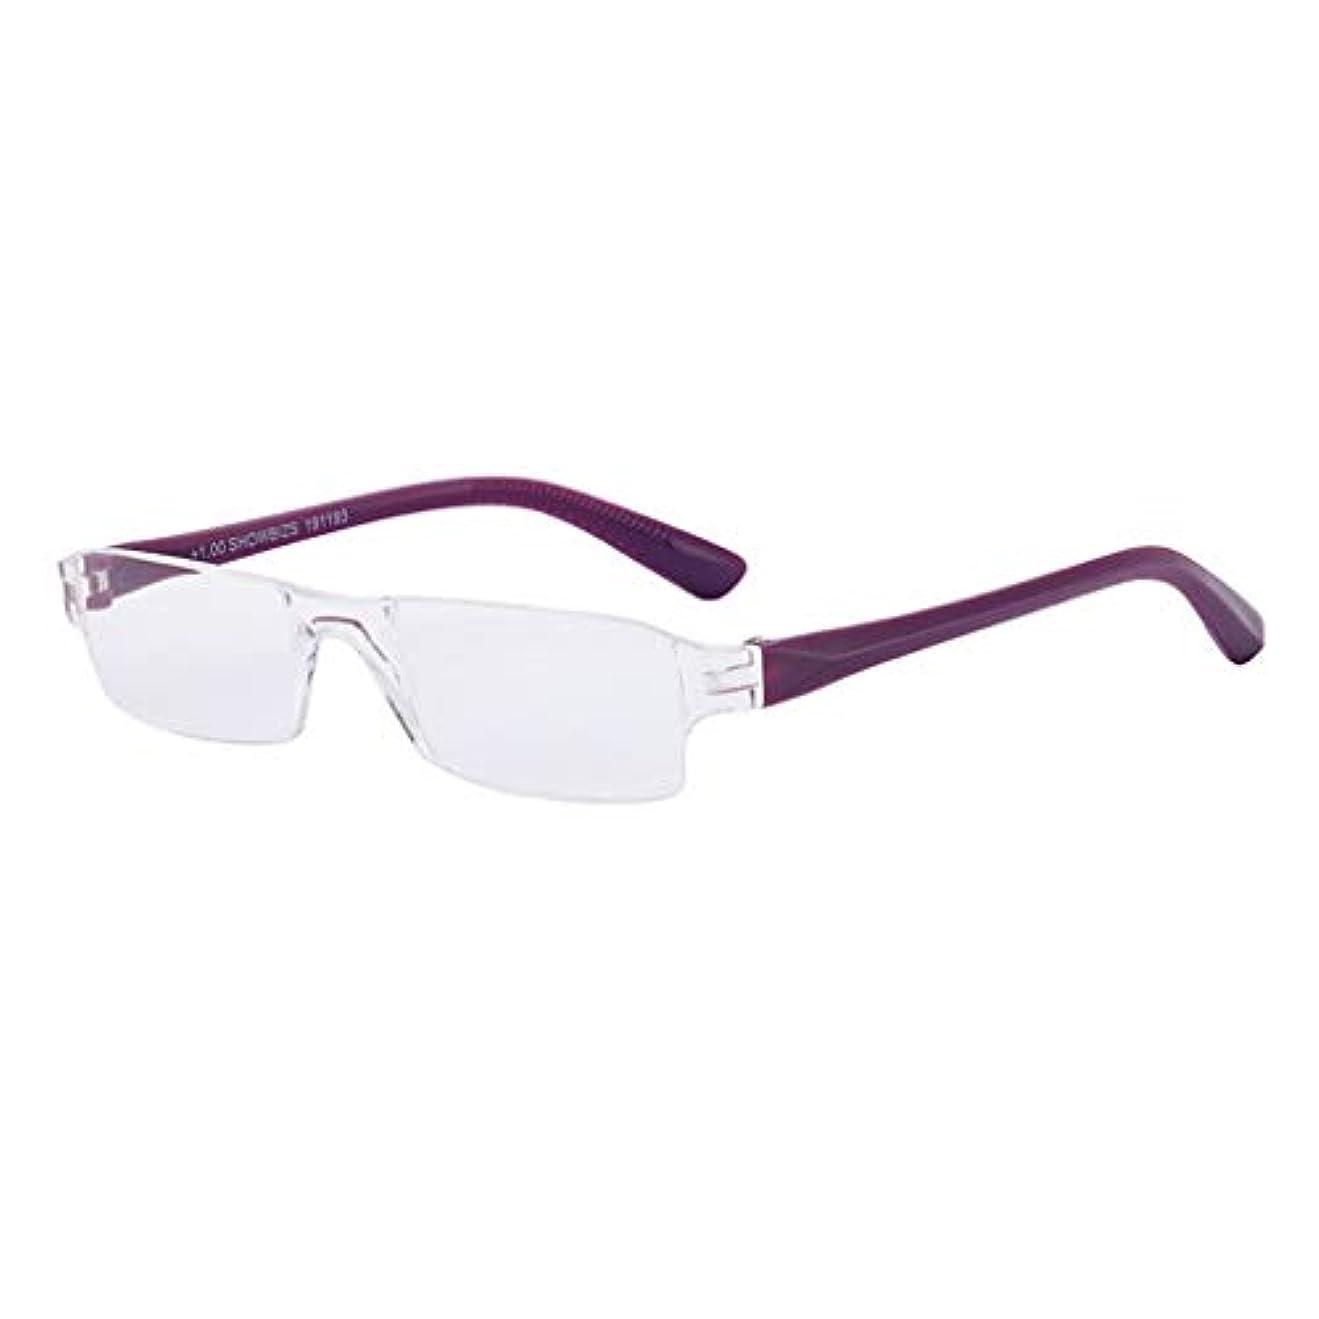 売る悲鳴以来老眼鏡アンチブルーレイ老眼眼鏡アンチ疲労コンピュータメガネ、男性女性遠視メガネウルトラライトブラック/パープル(強度+1.0?+3.0)